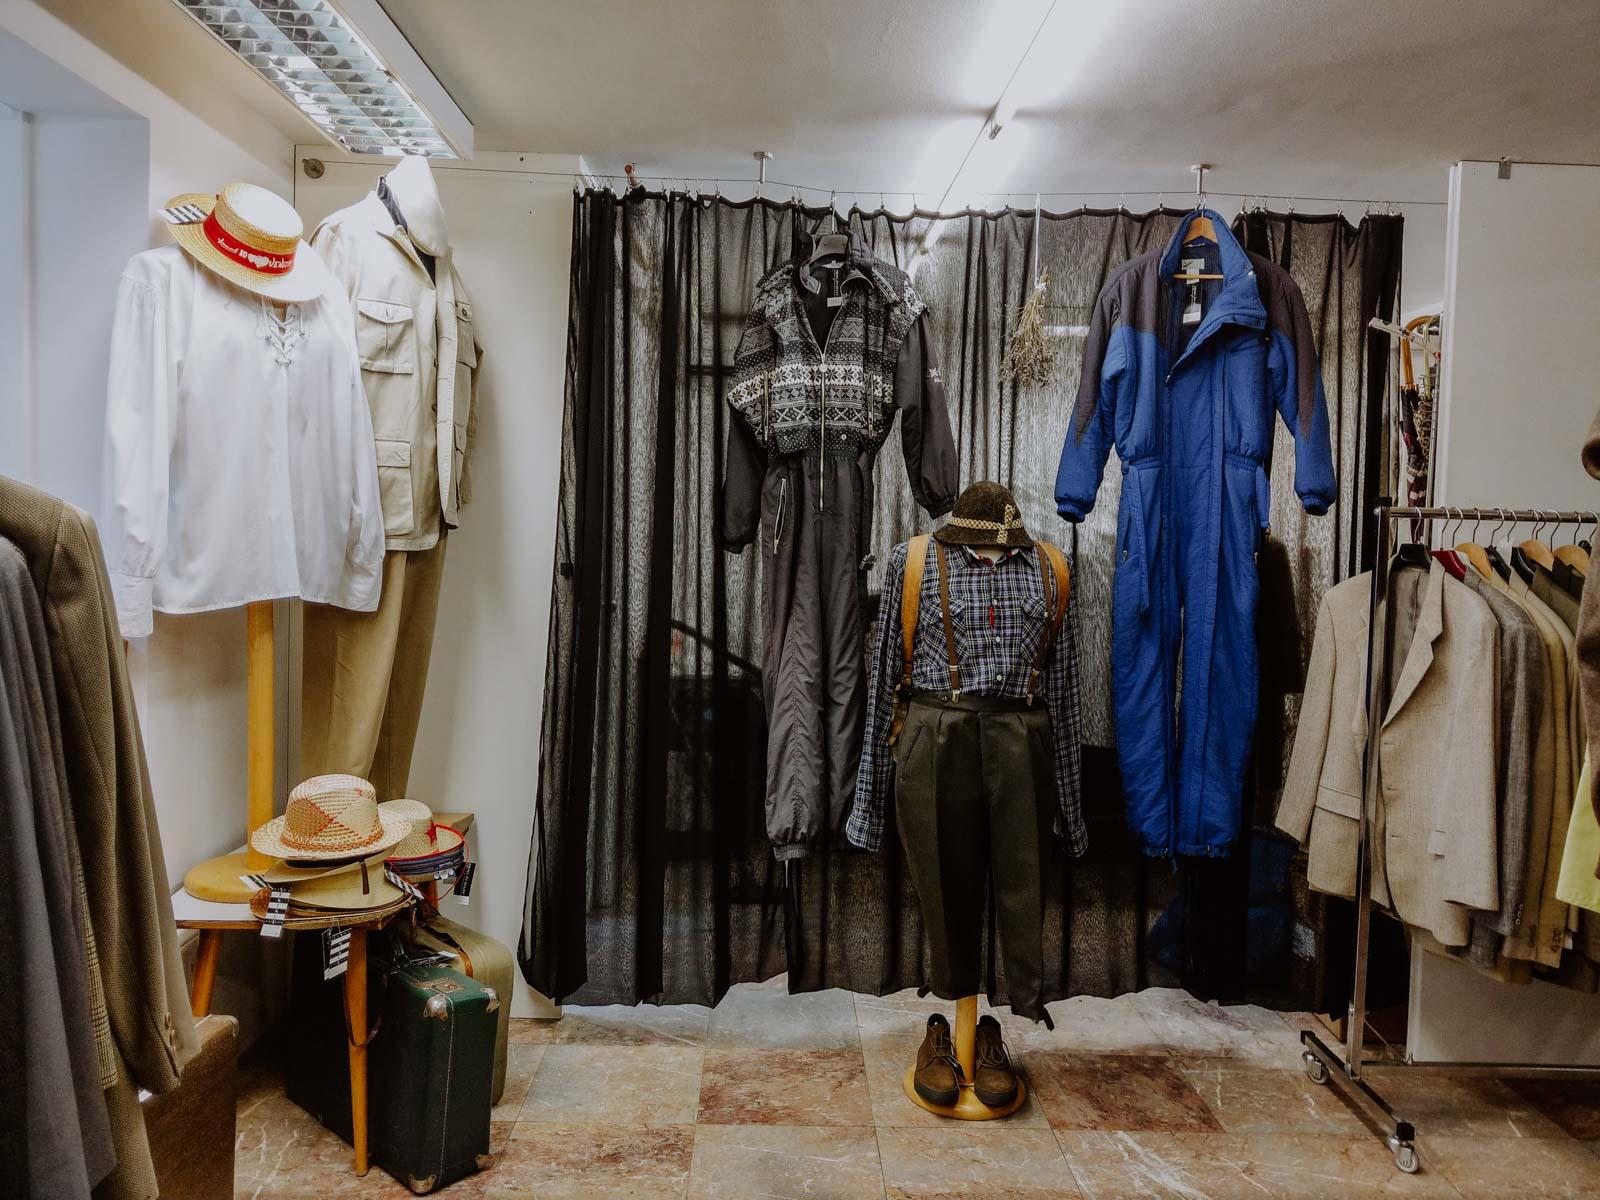 Vintage Clothing for Men in Divas Vintage Store Ljubljana